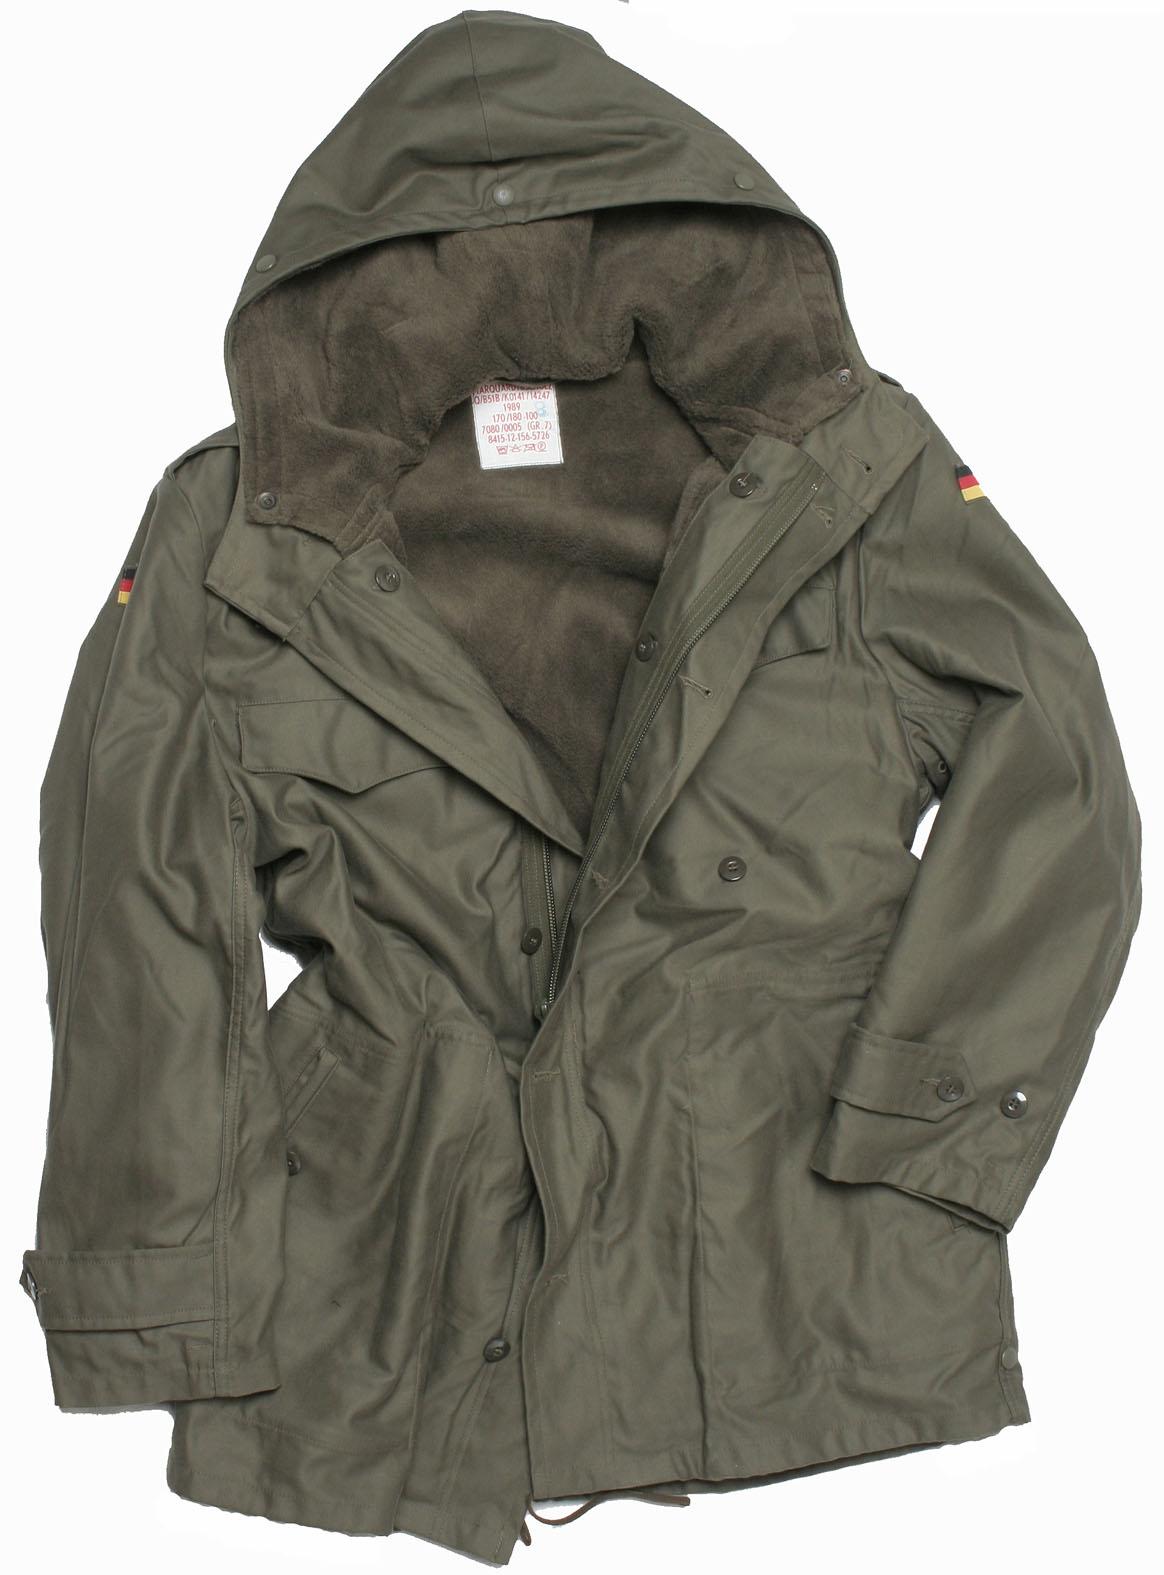 Купить Куртку Зимнюю Германия